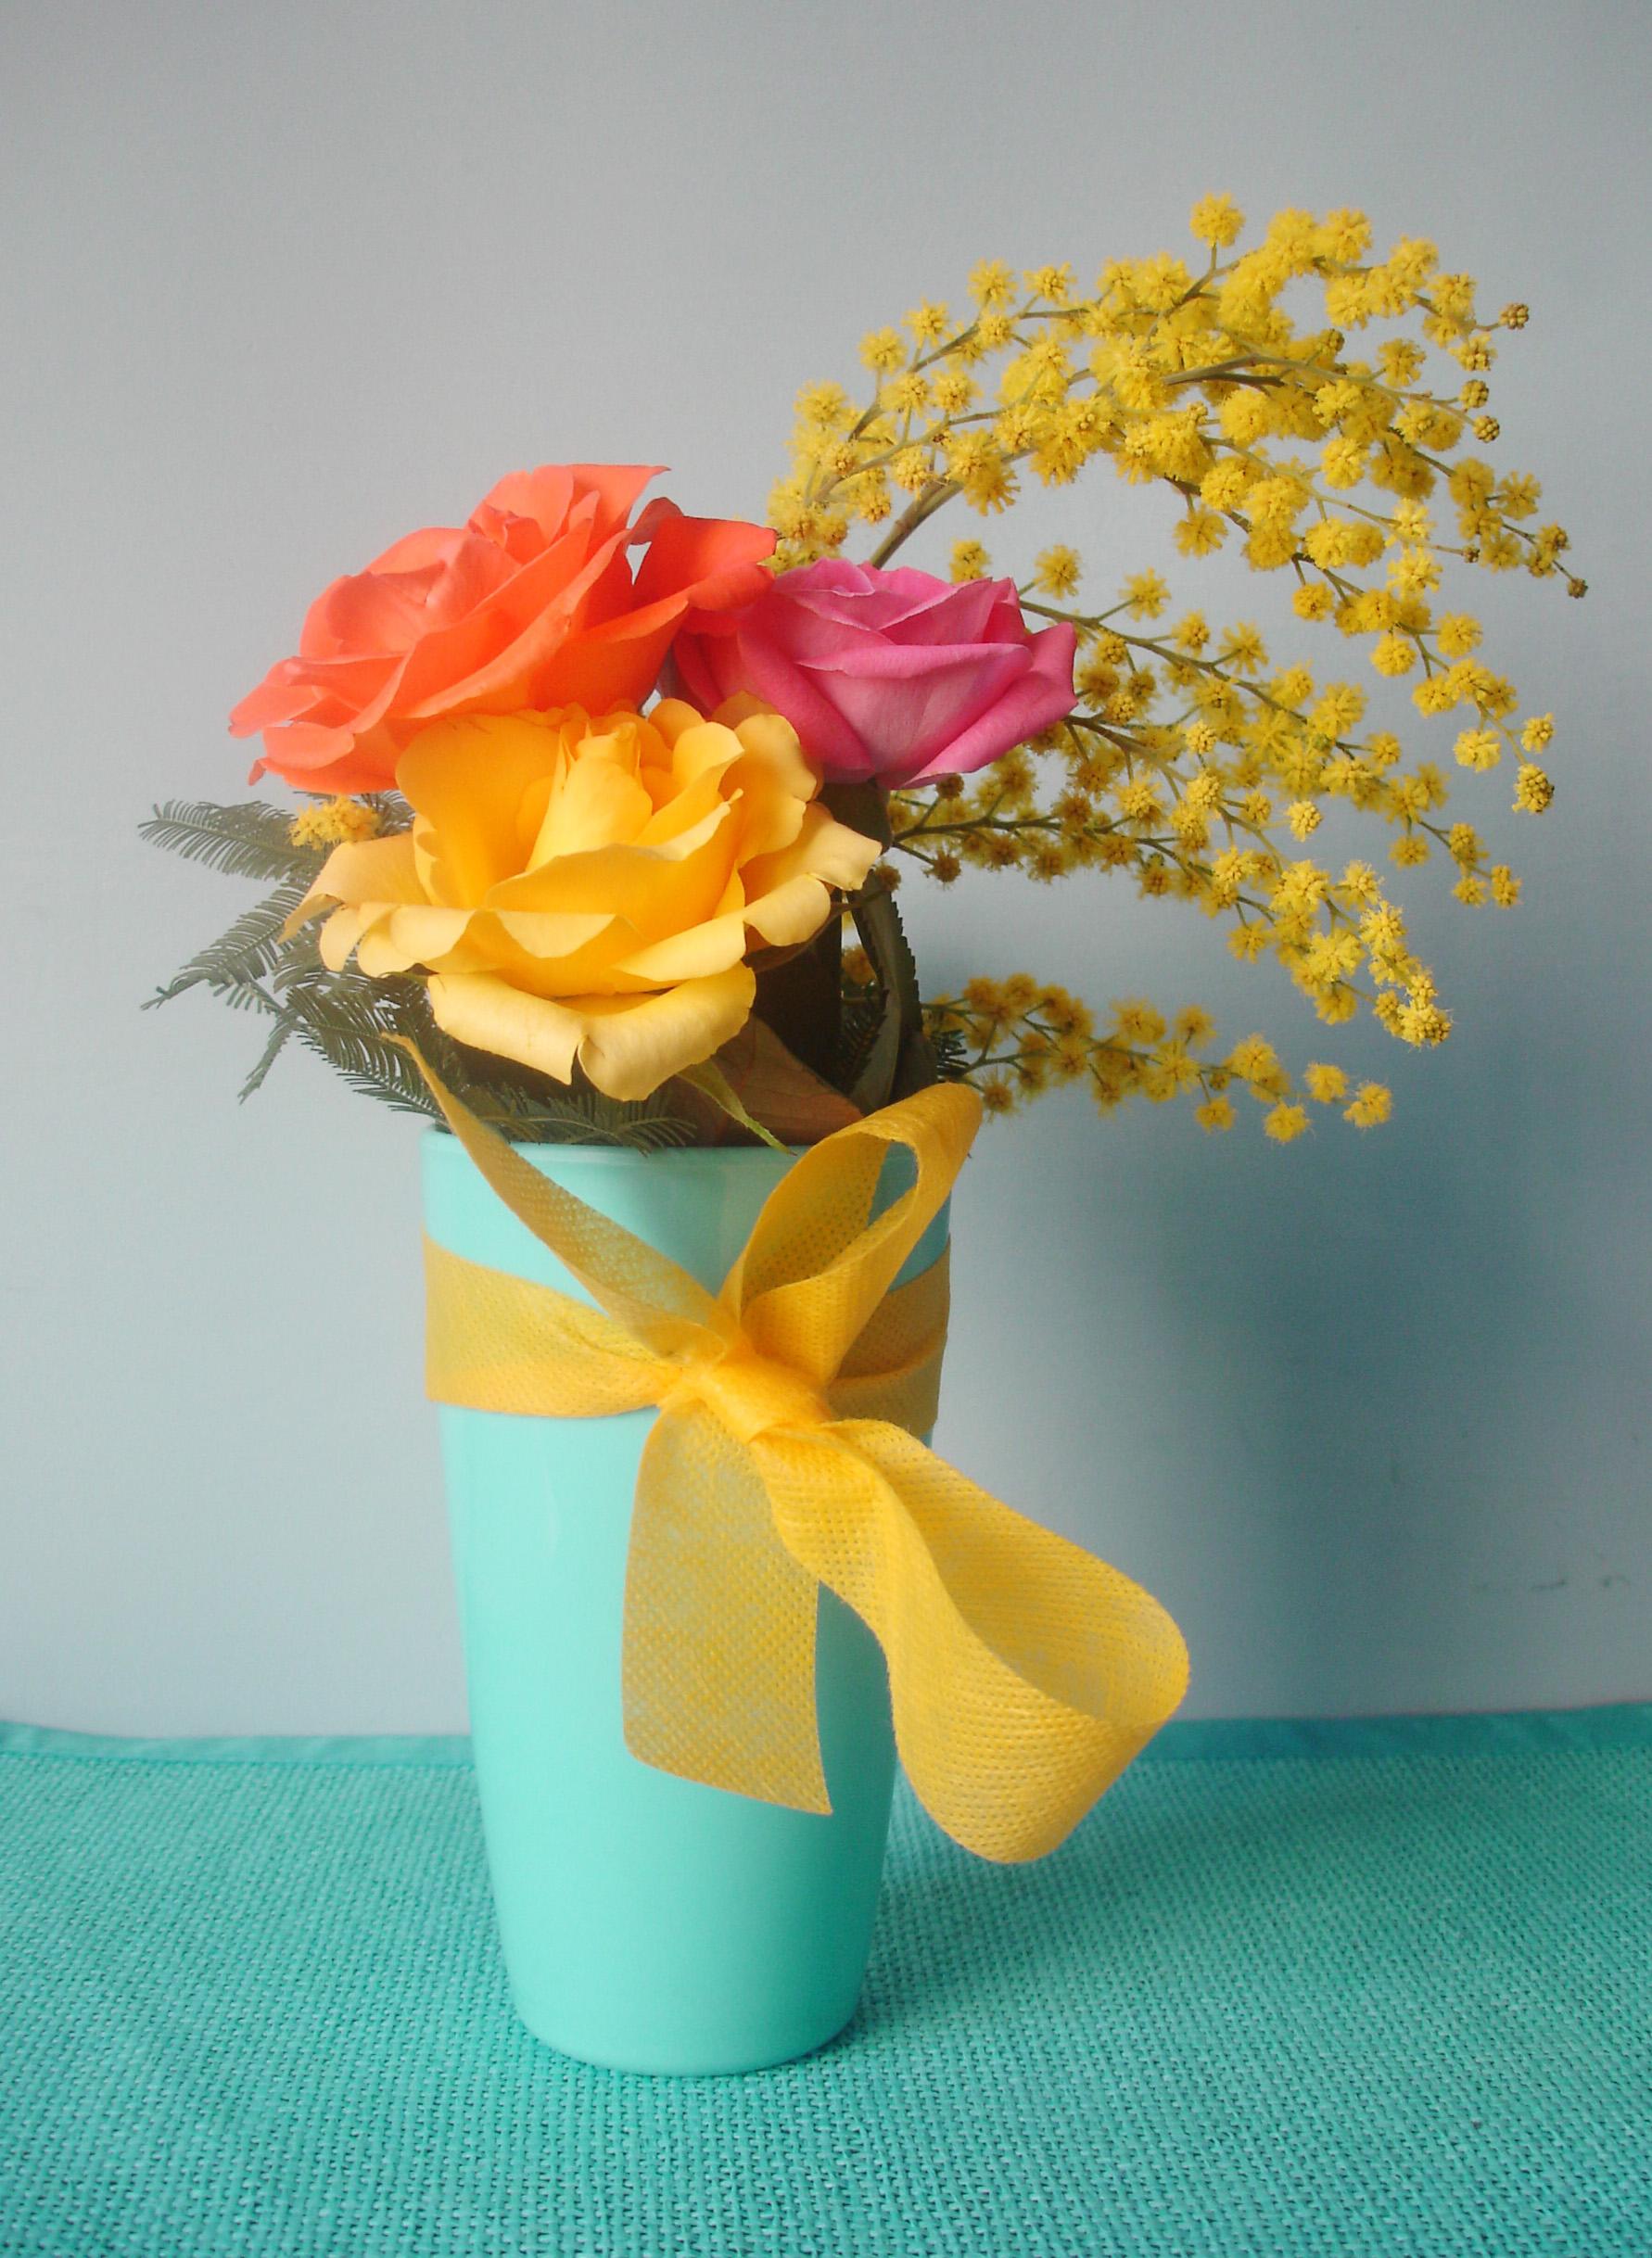 Summer flowers for your hostq